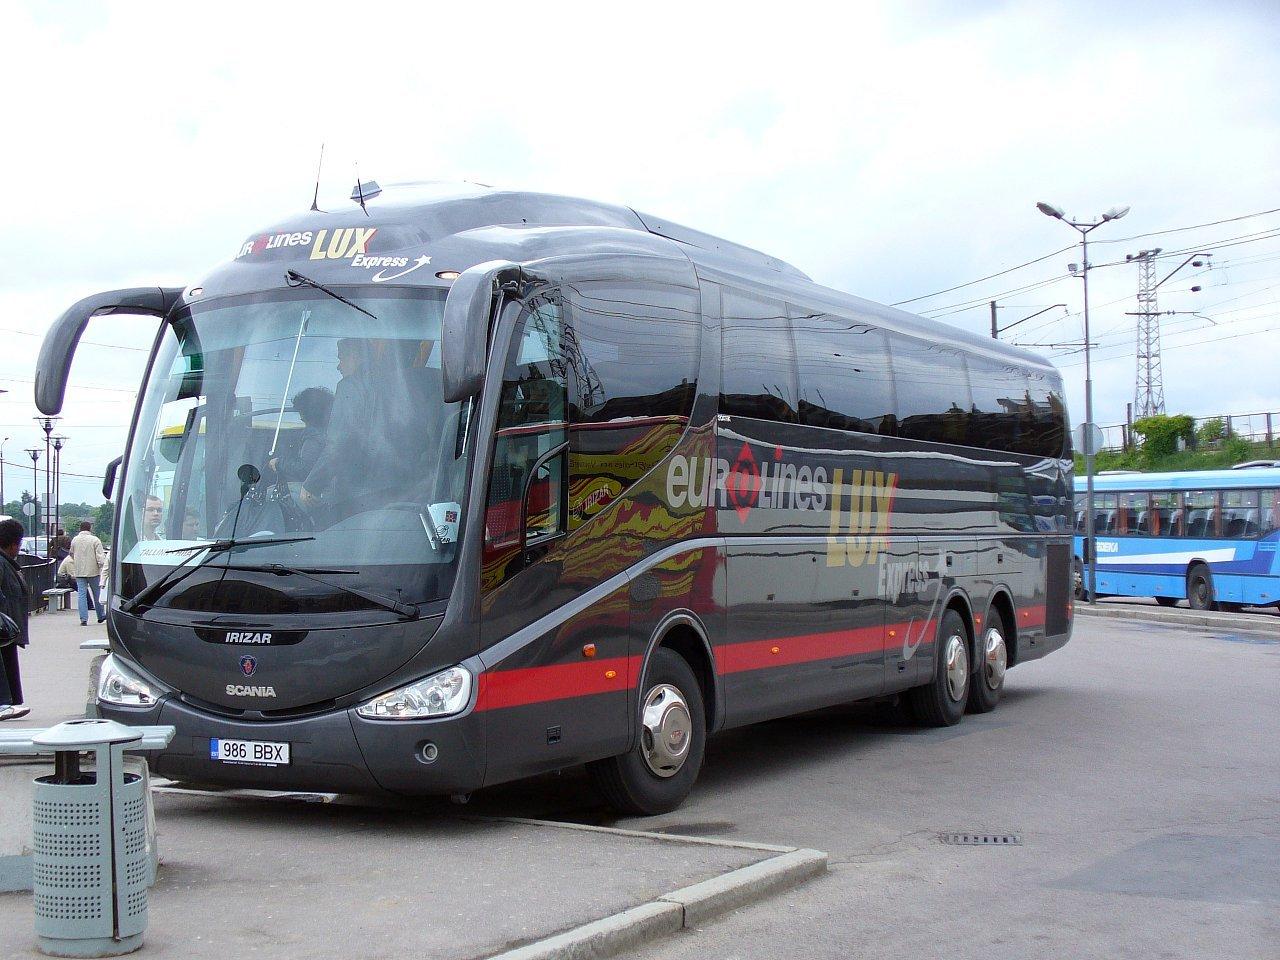 Lux экспресс изменил расписание автобусов между Петербургом иТаллином